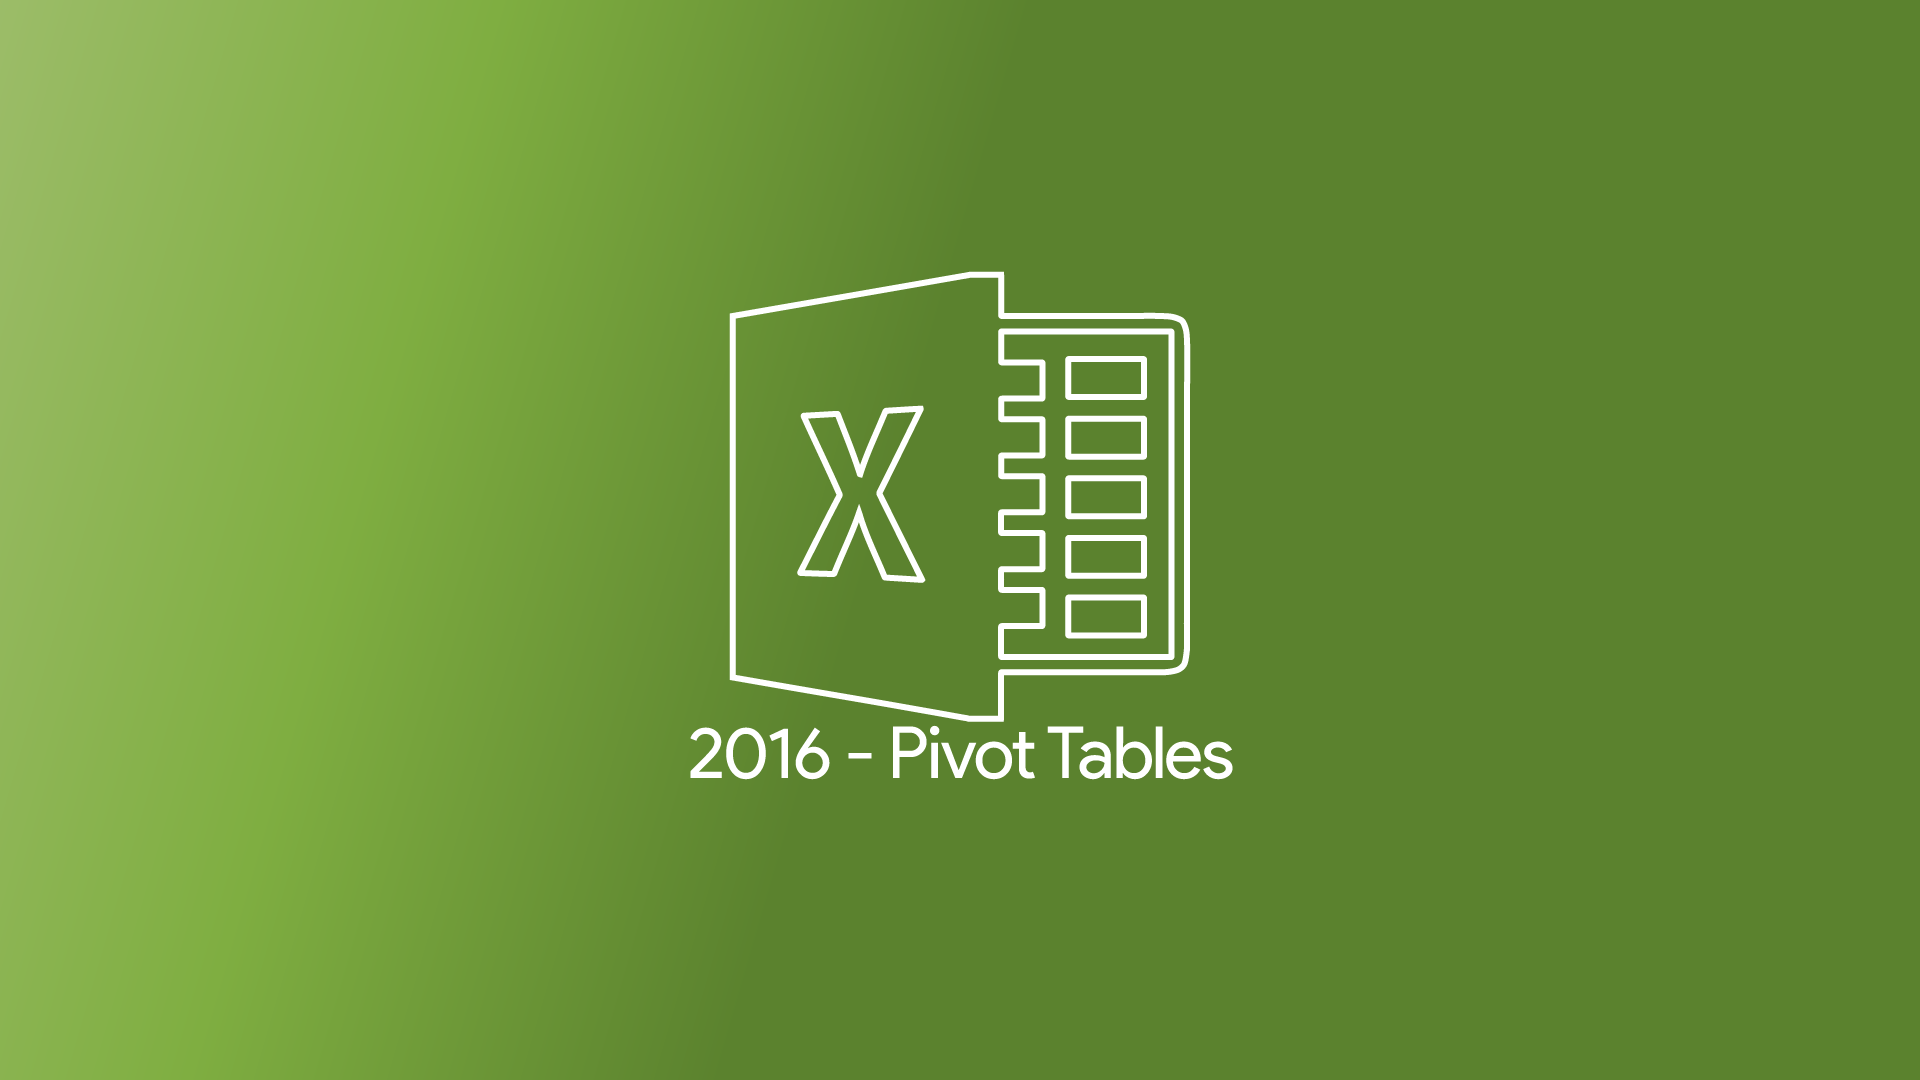 Excel 2016 - Pivot Tables